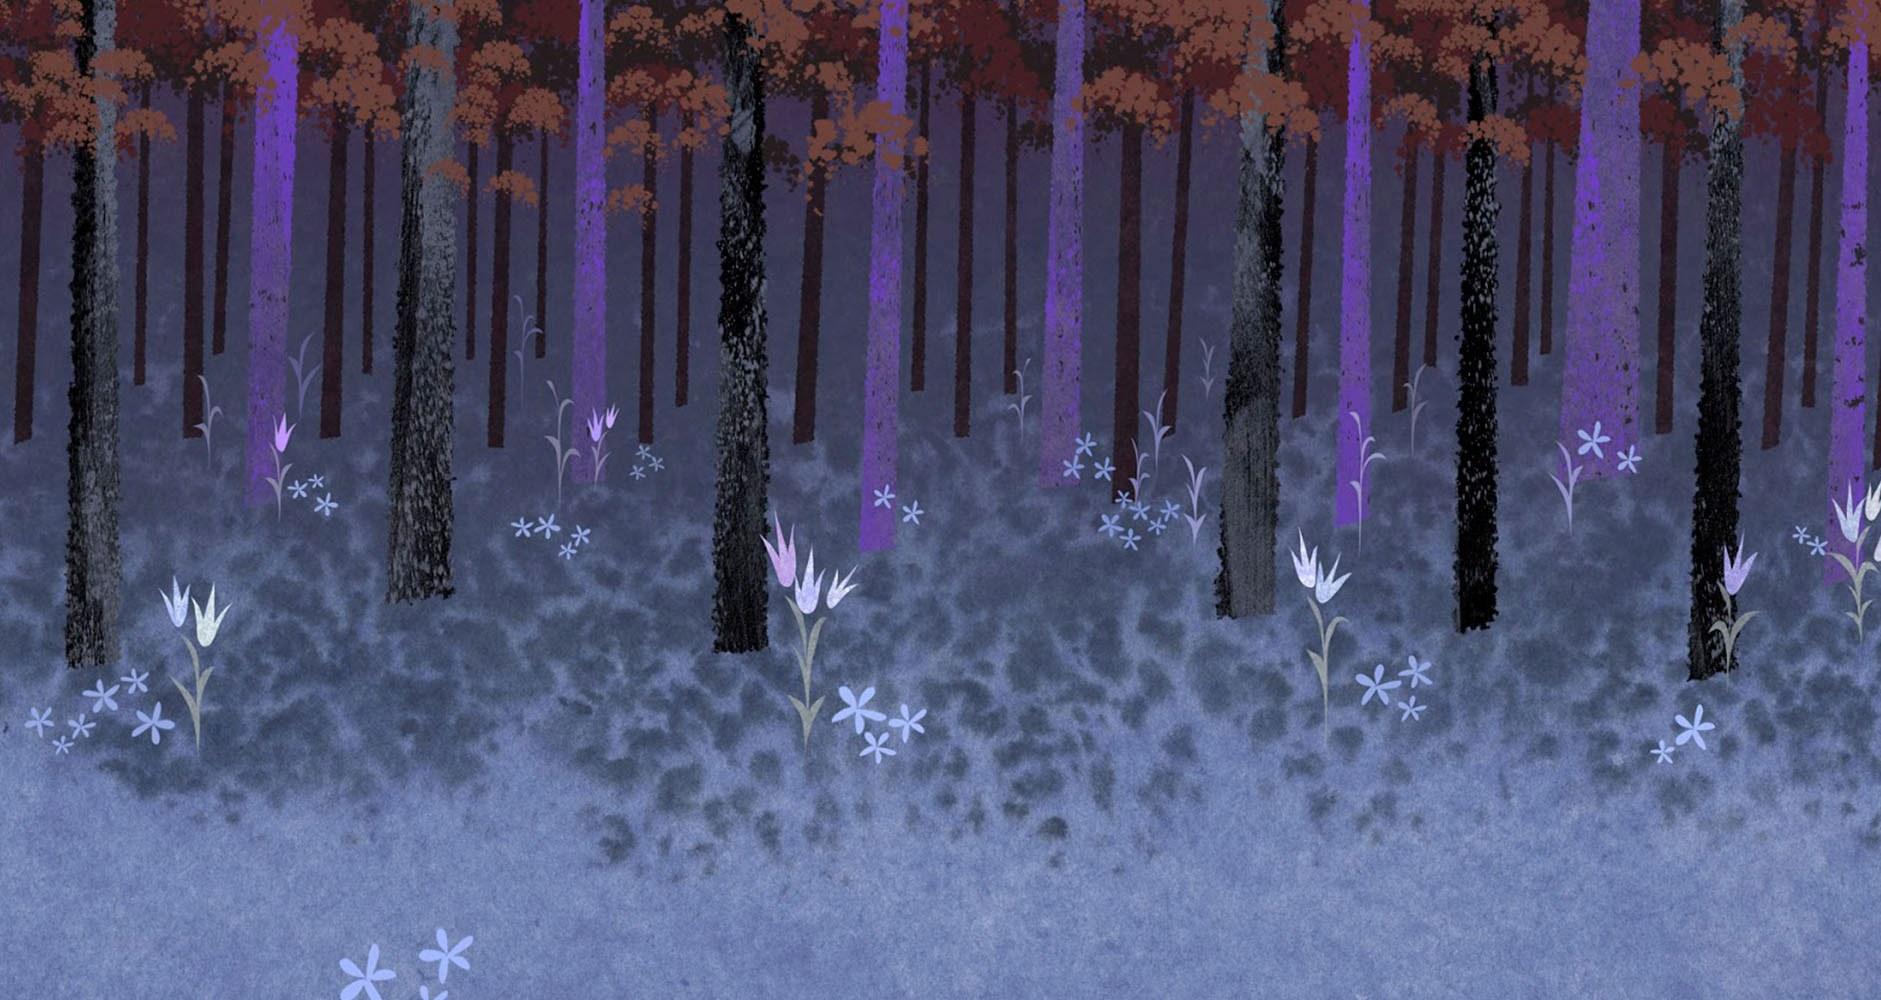 Modern Frozen Enchanted Forest Fall Winter SceneConcept Wall Art